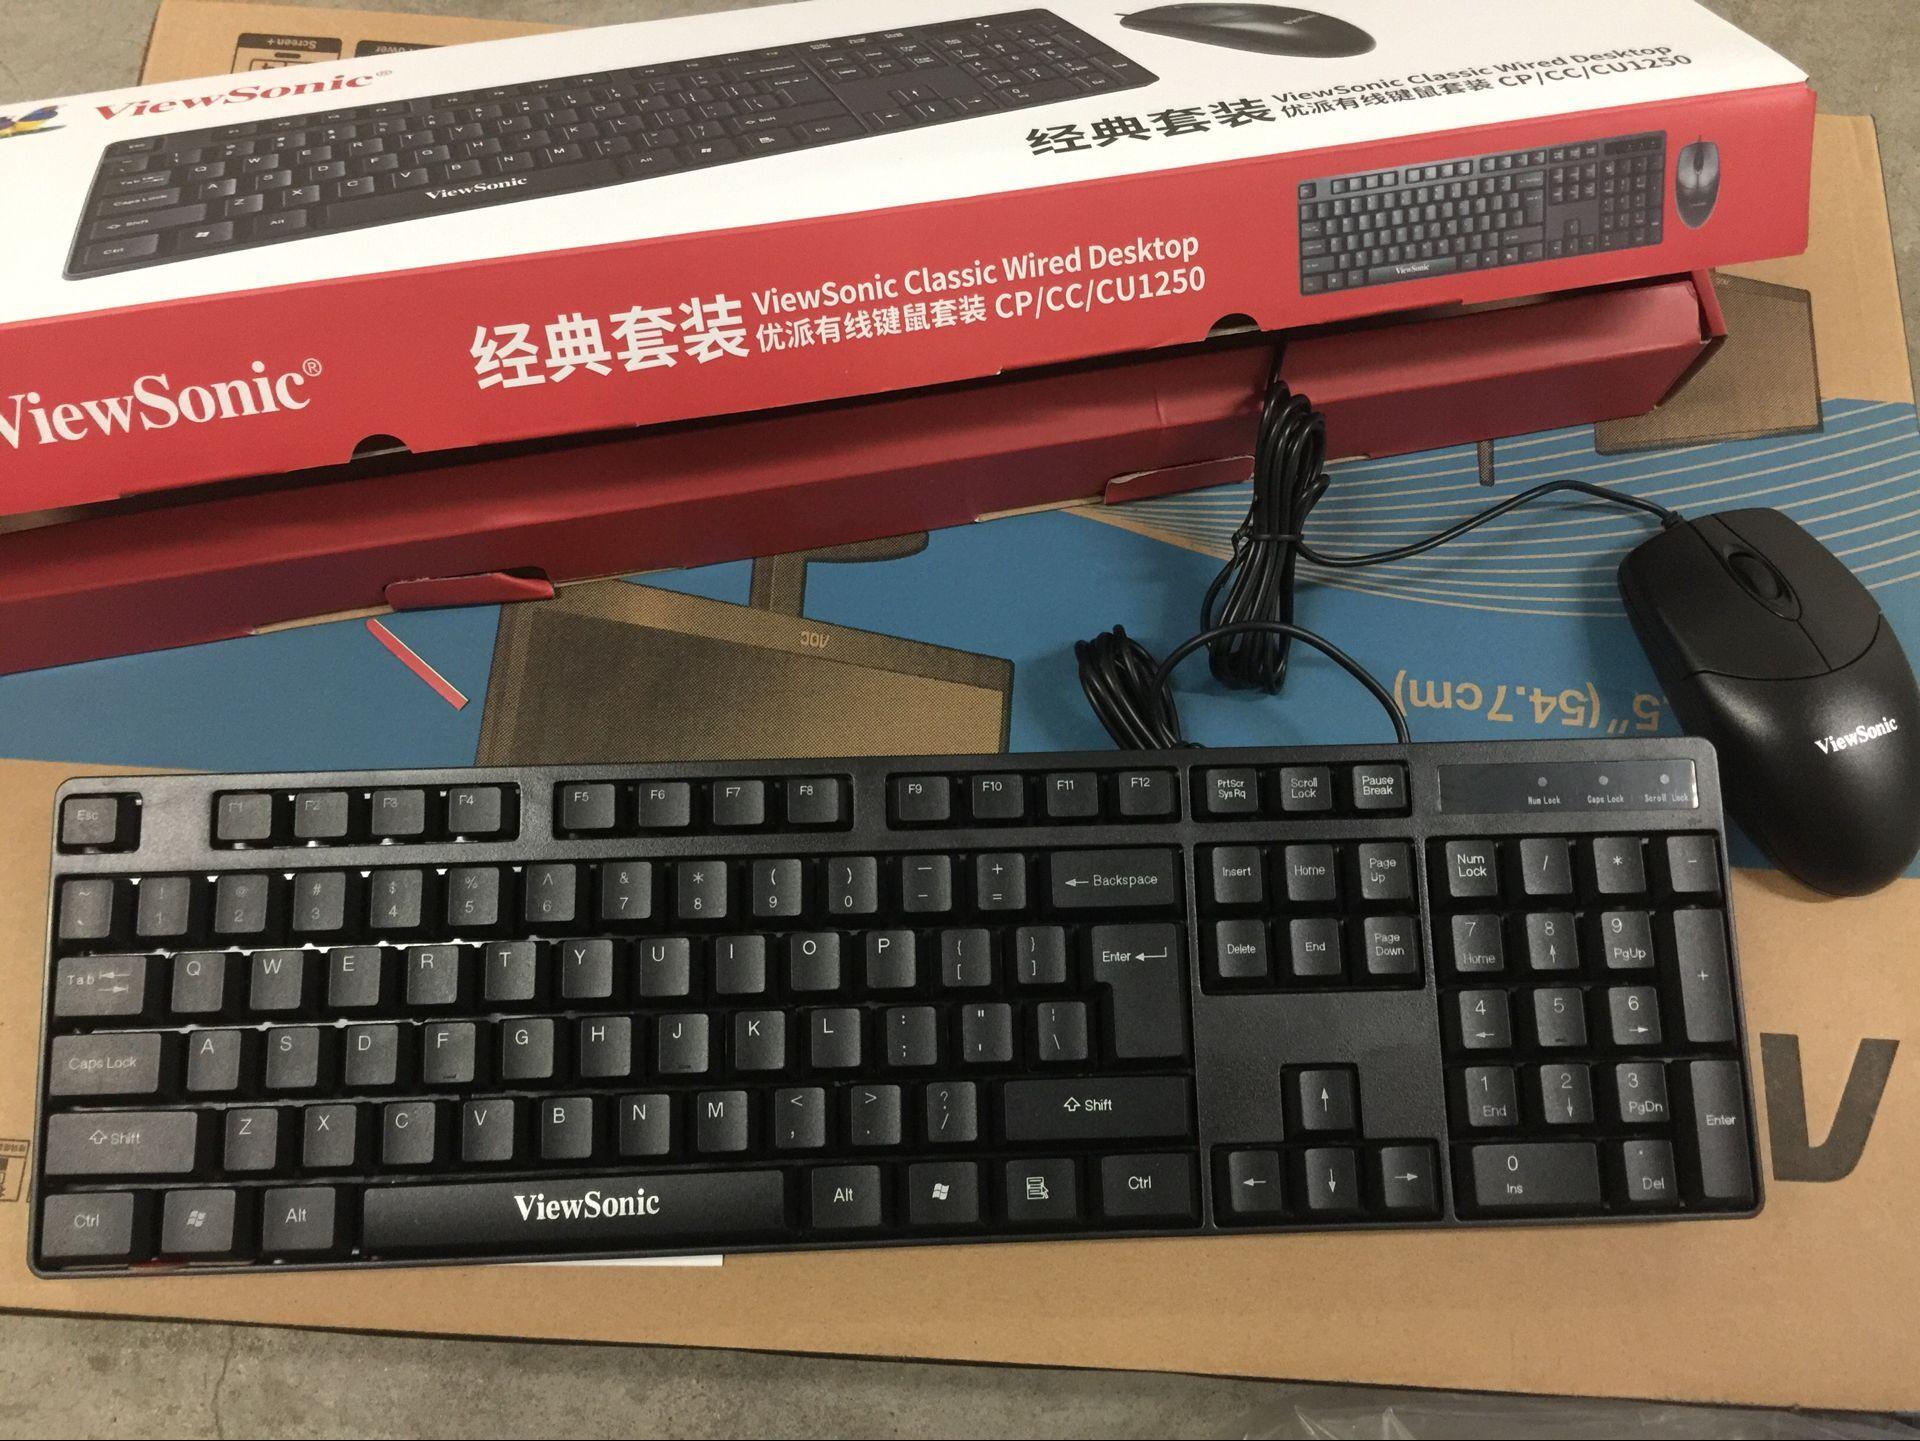 优派(ViewSonic)台式机键鼠套装 双USB接口 黑色